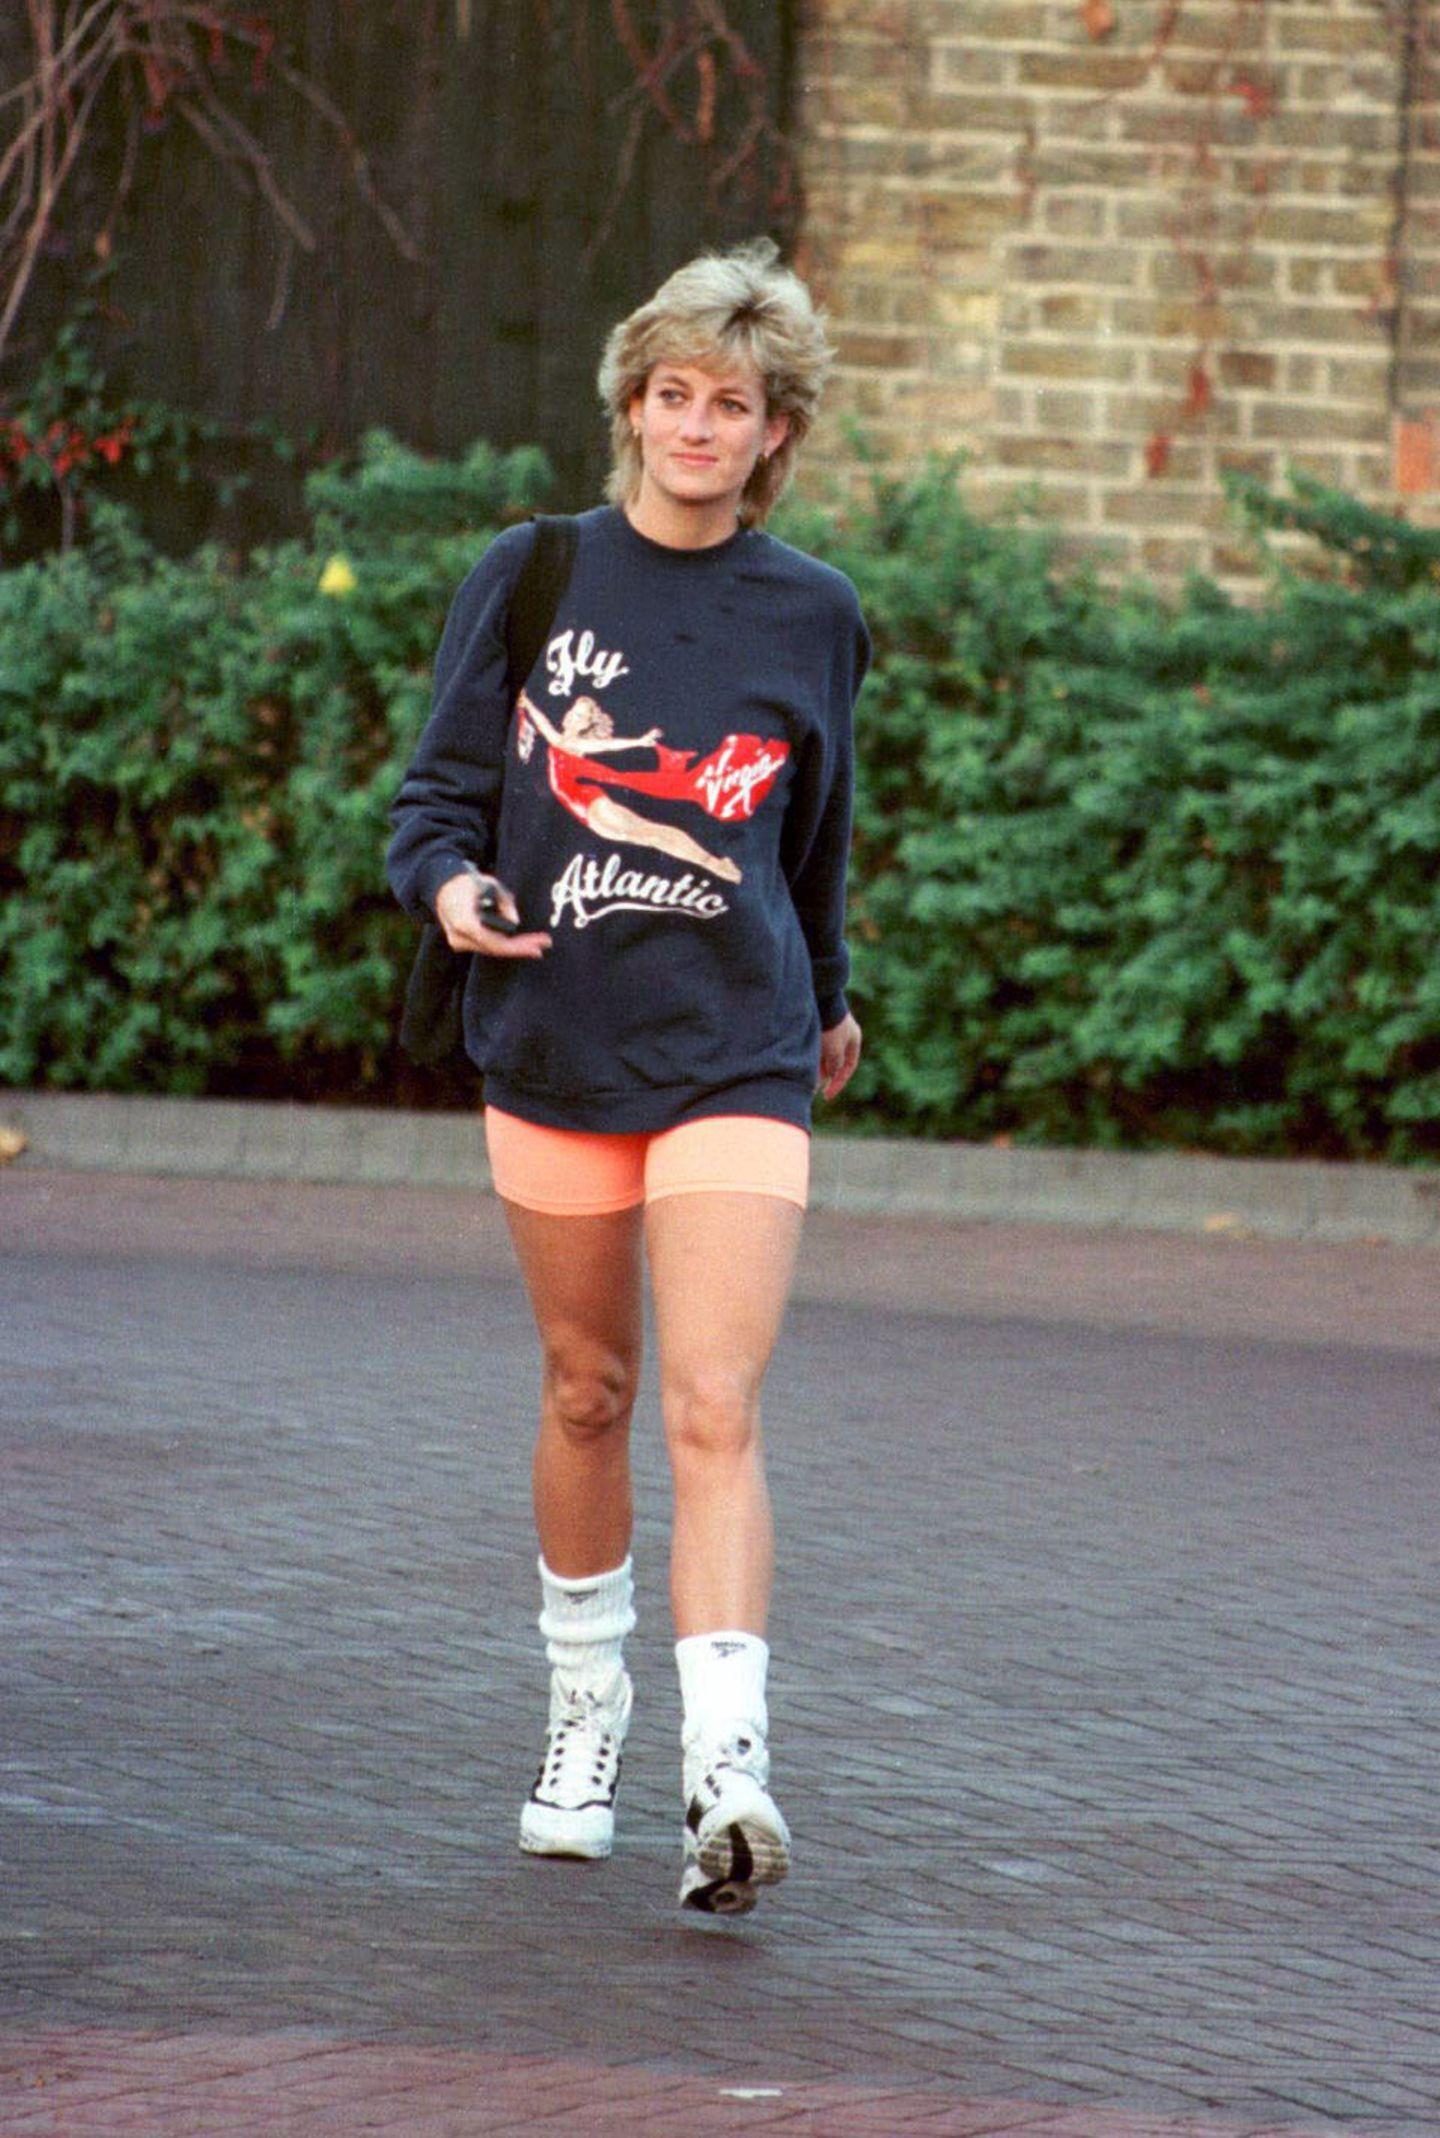 Lady Diana: in Radlerhosen